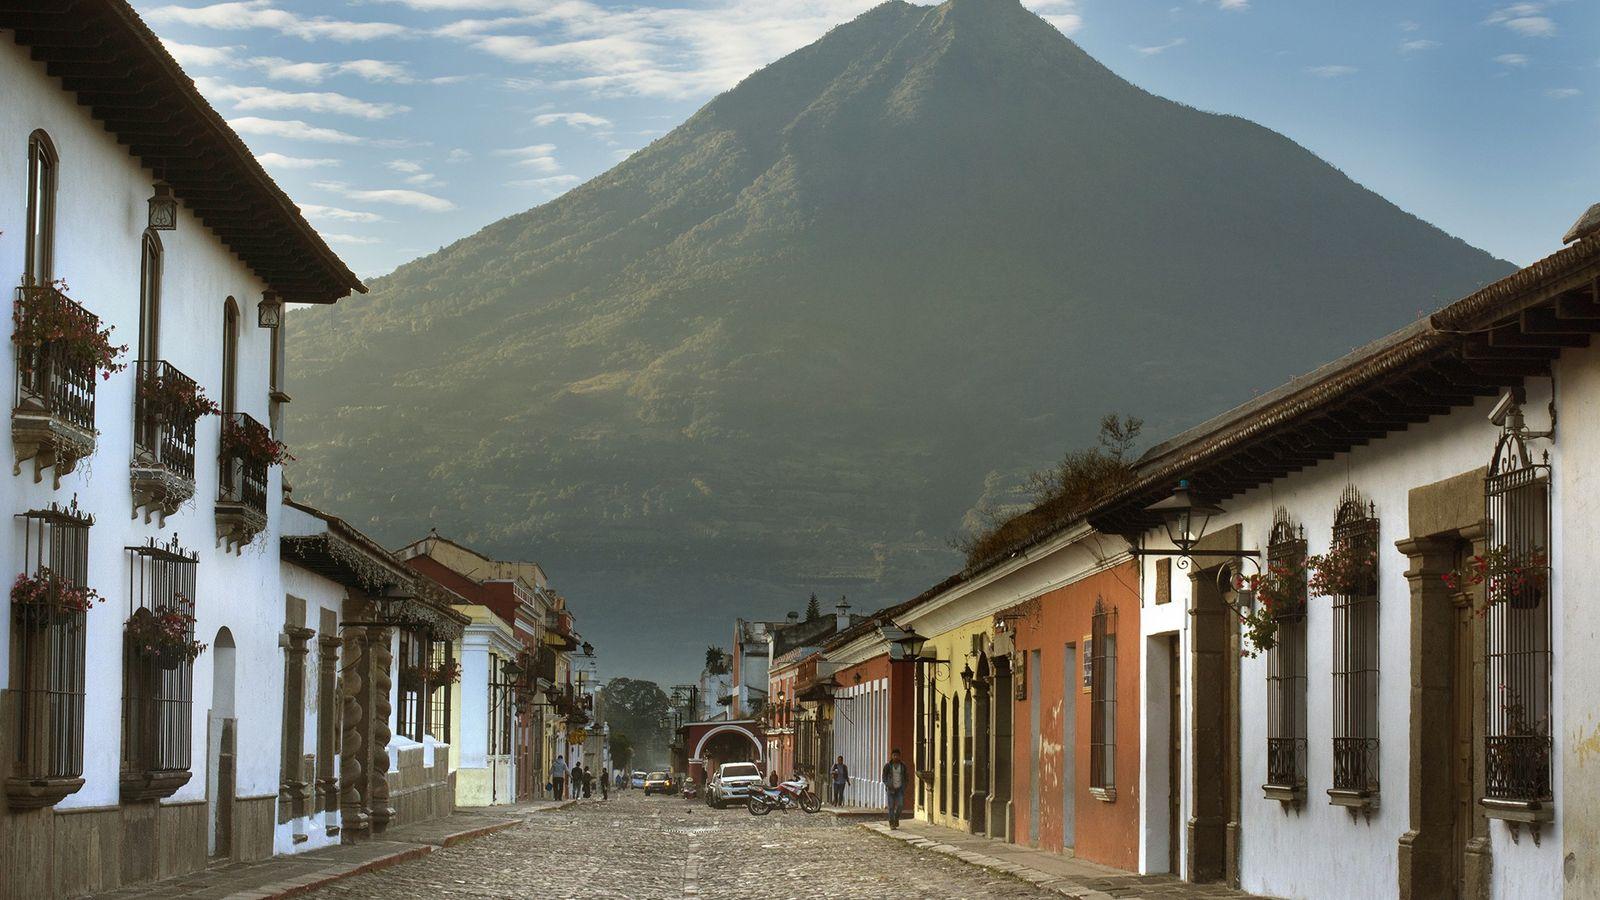 Über den bunten Kolonialhäusern Antiguas ragt im Hintergrund der Volcán de Agua empor.